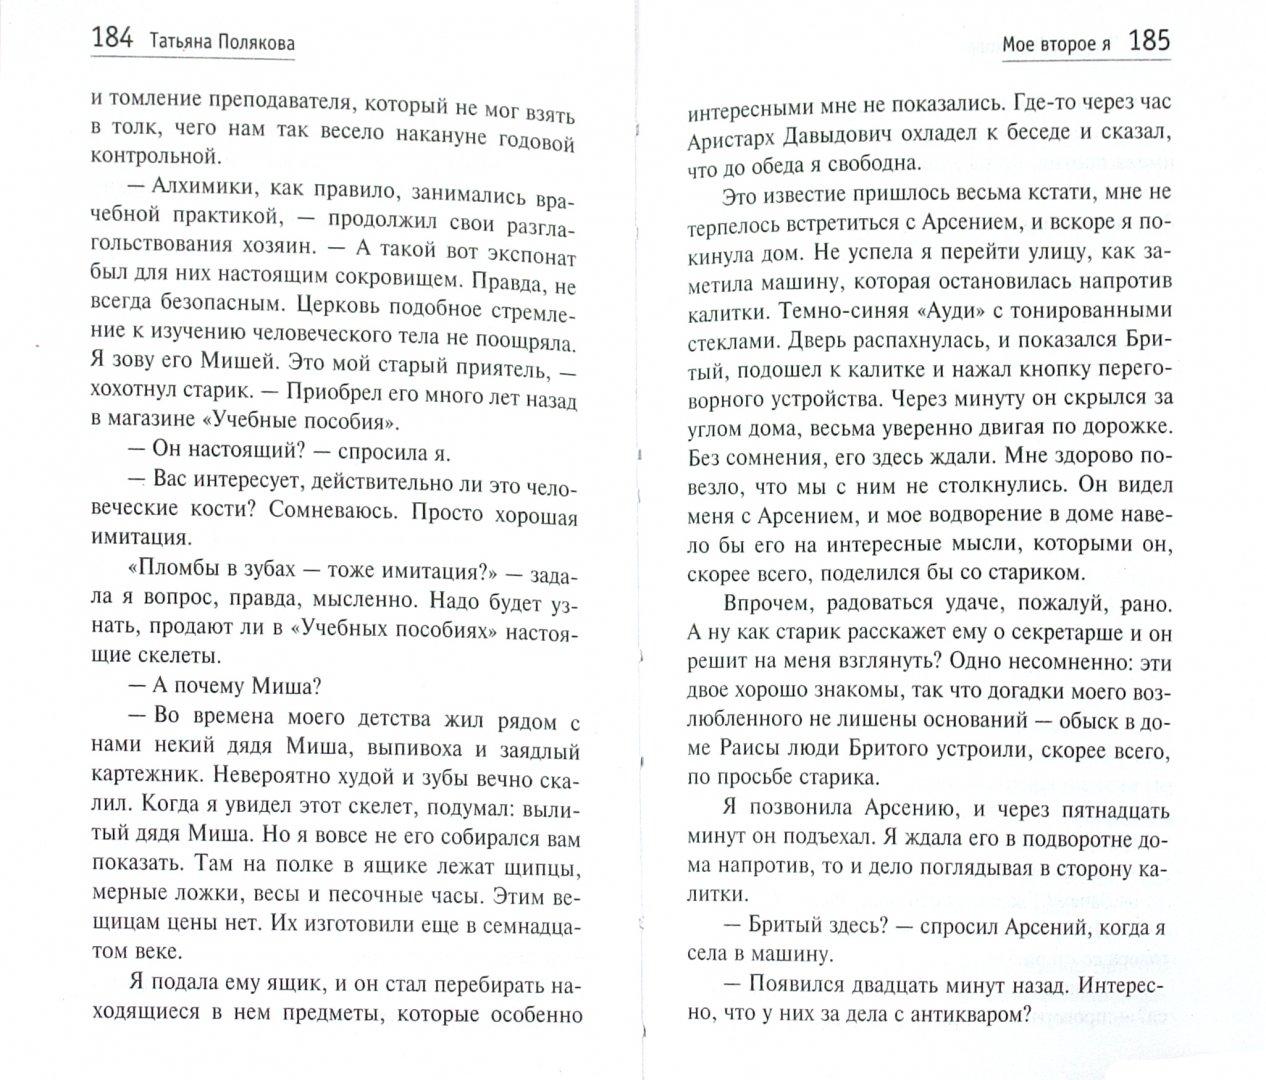 Иллюстрация 1 из 7 для Мое второе я - Татьяна Полякова | Лабиринт - книги. Источник: Лабиринт